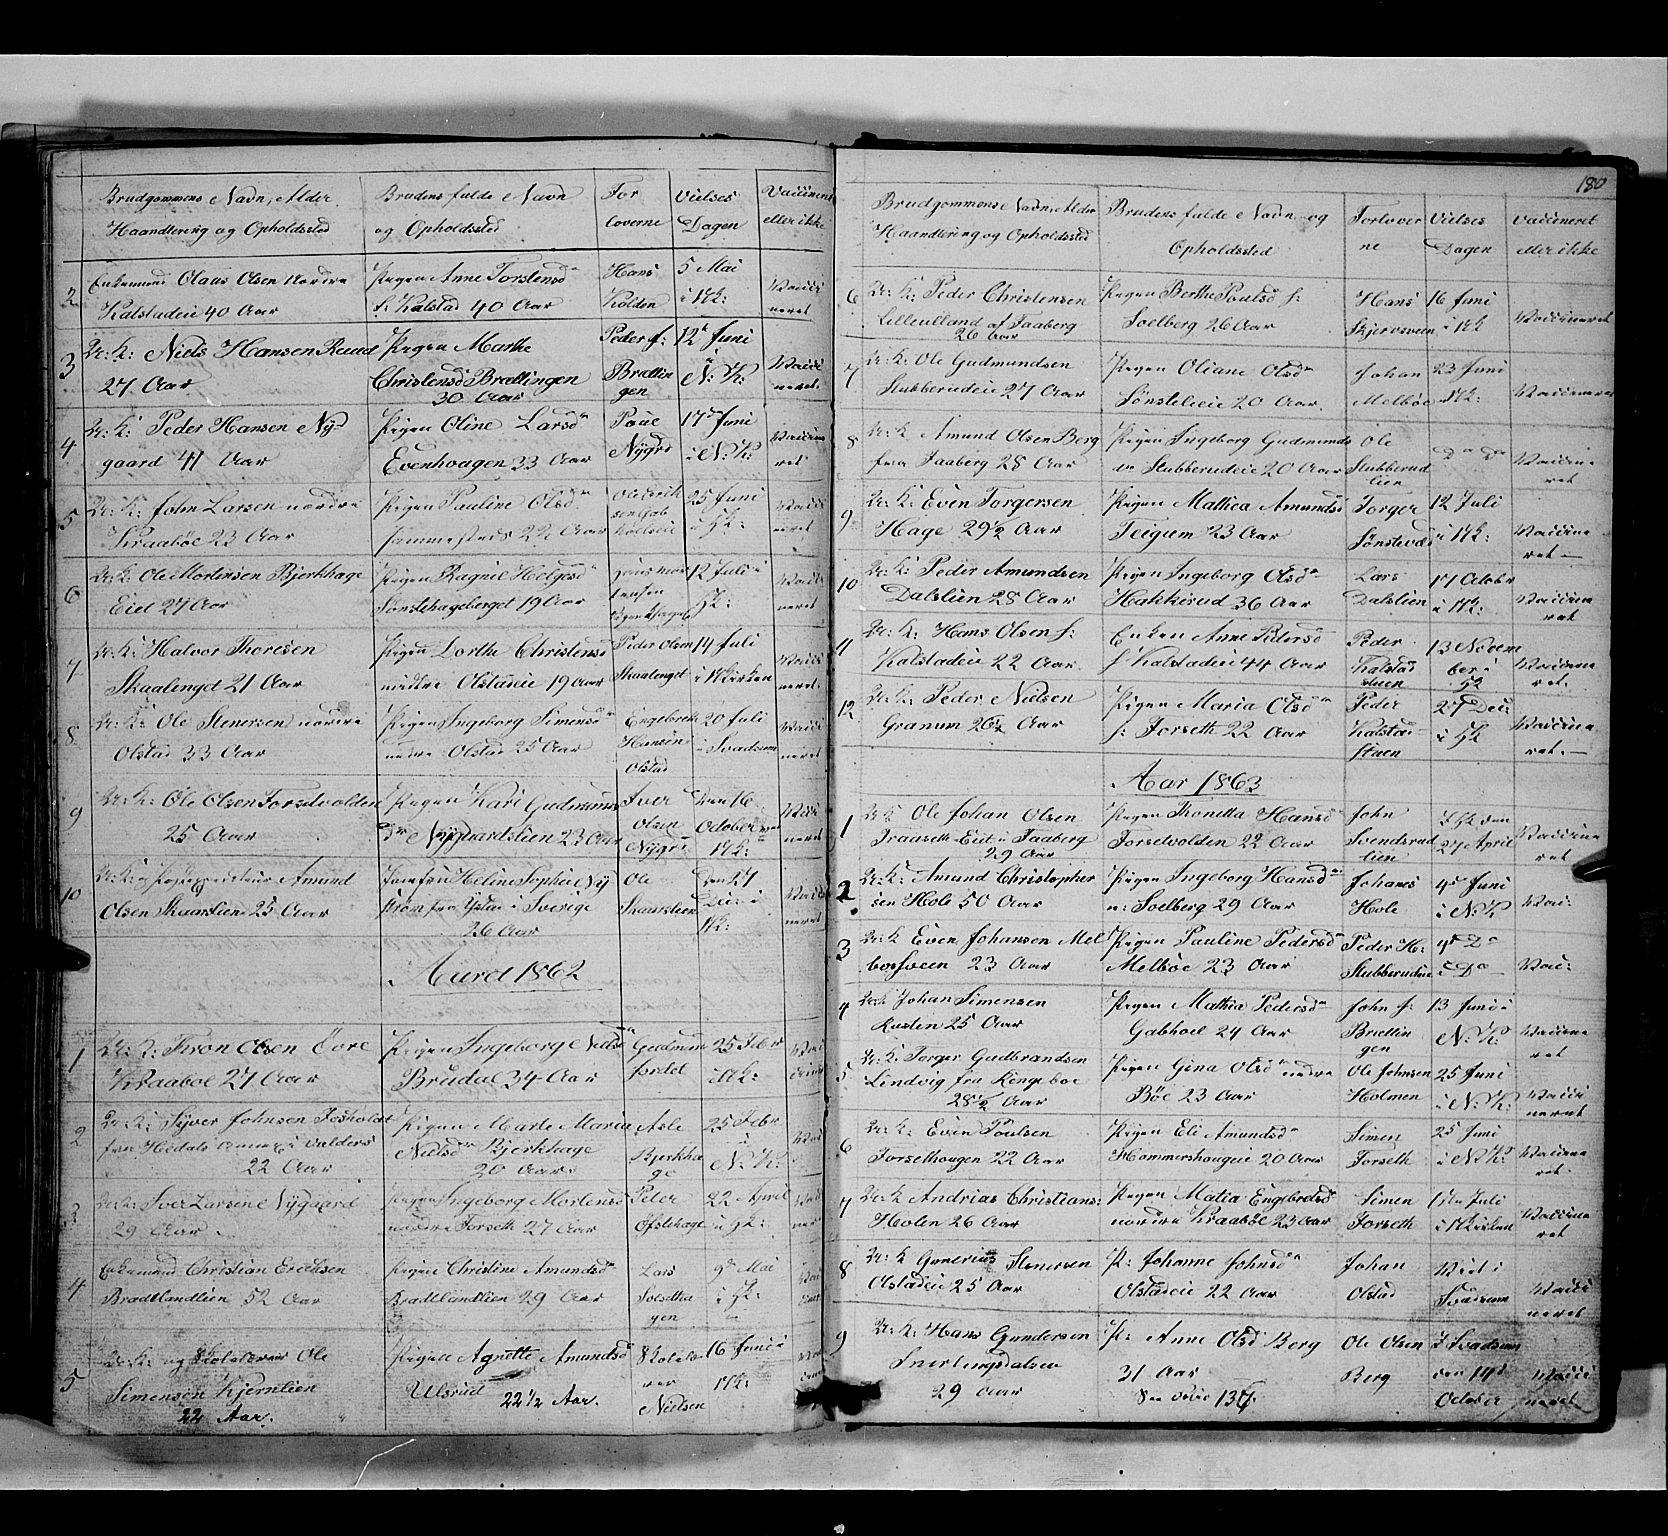 SAH, Gausdal prestekontor, Klokkerbok nr. 5, 1846-1867, s. 180